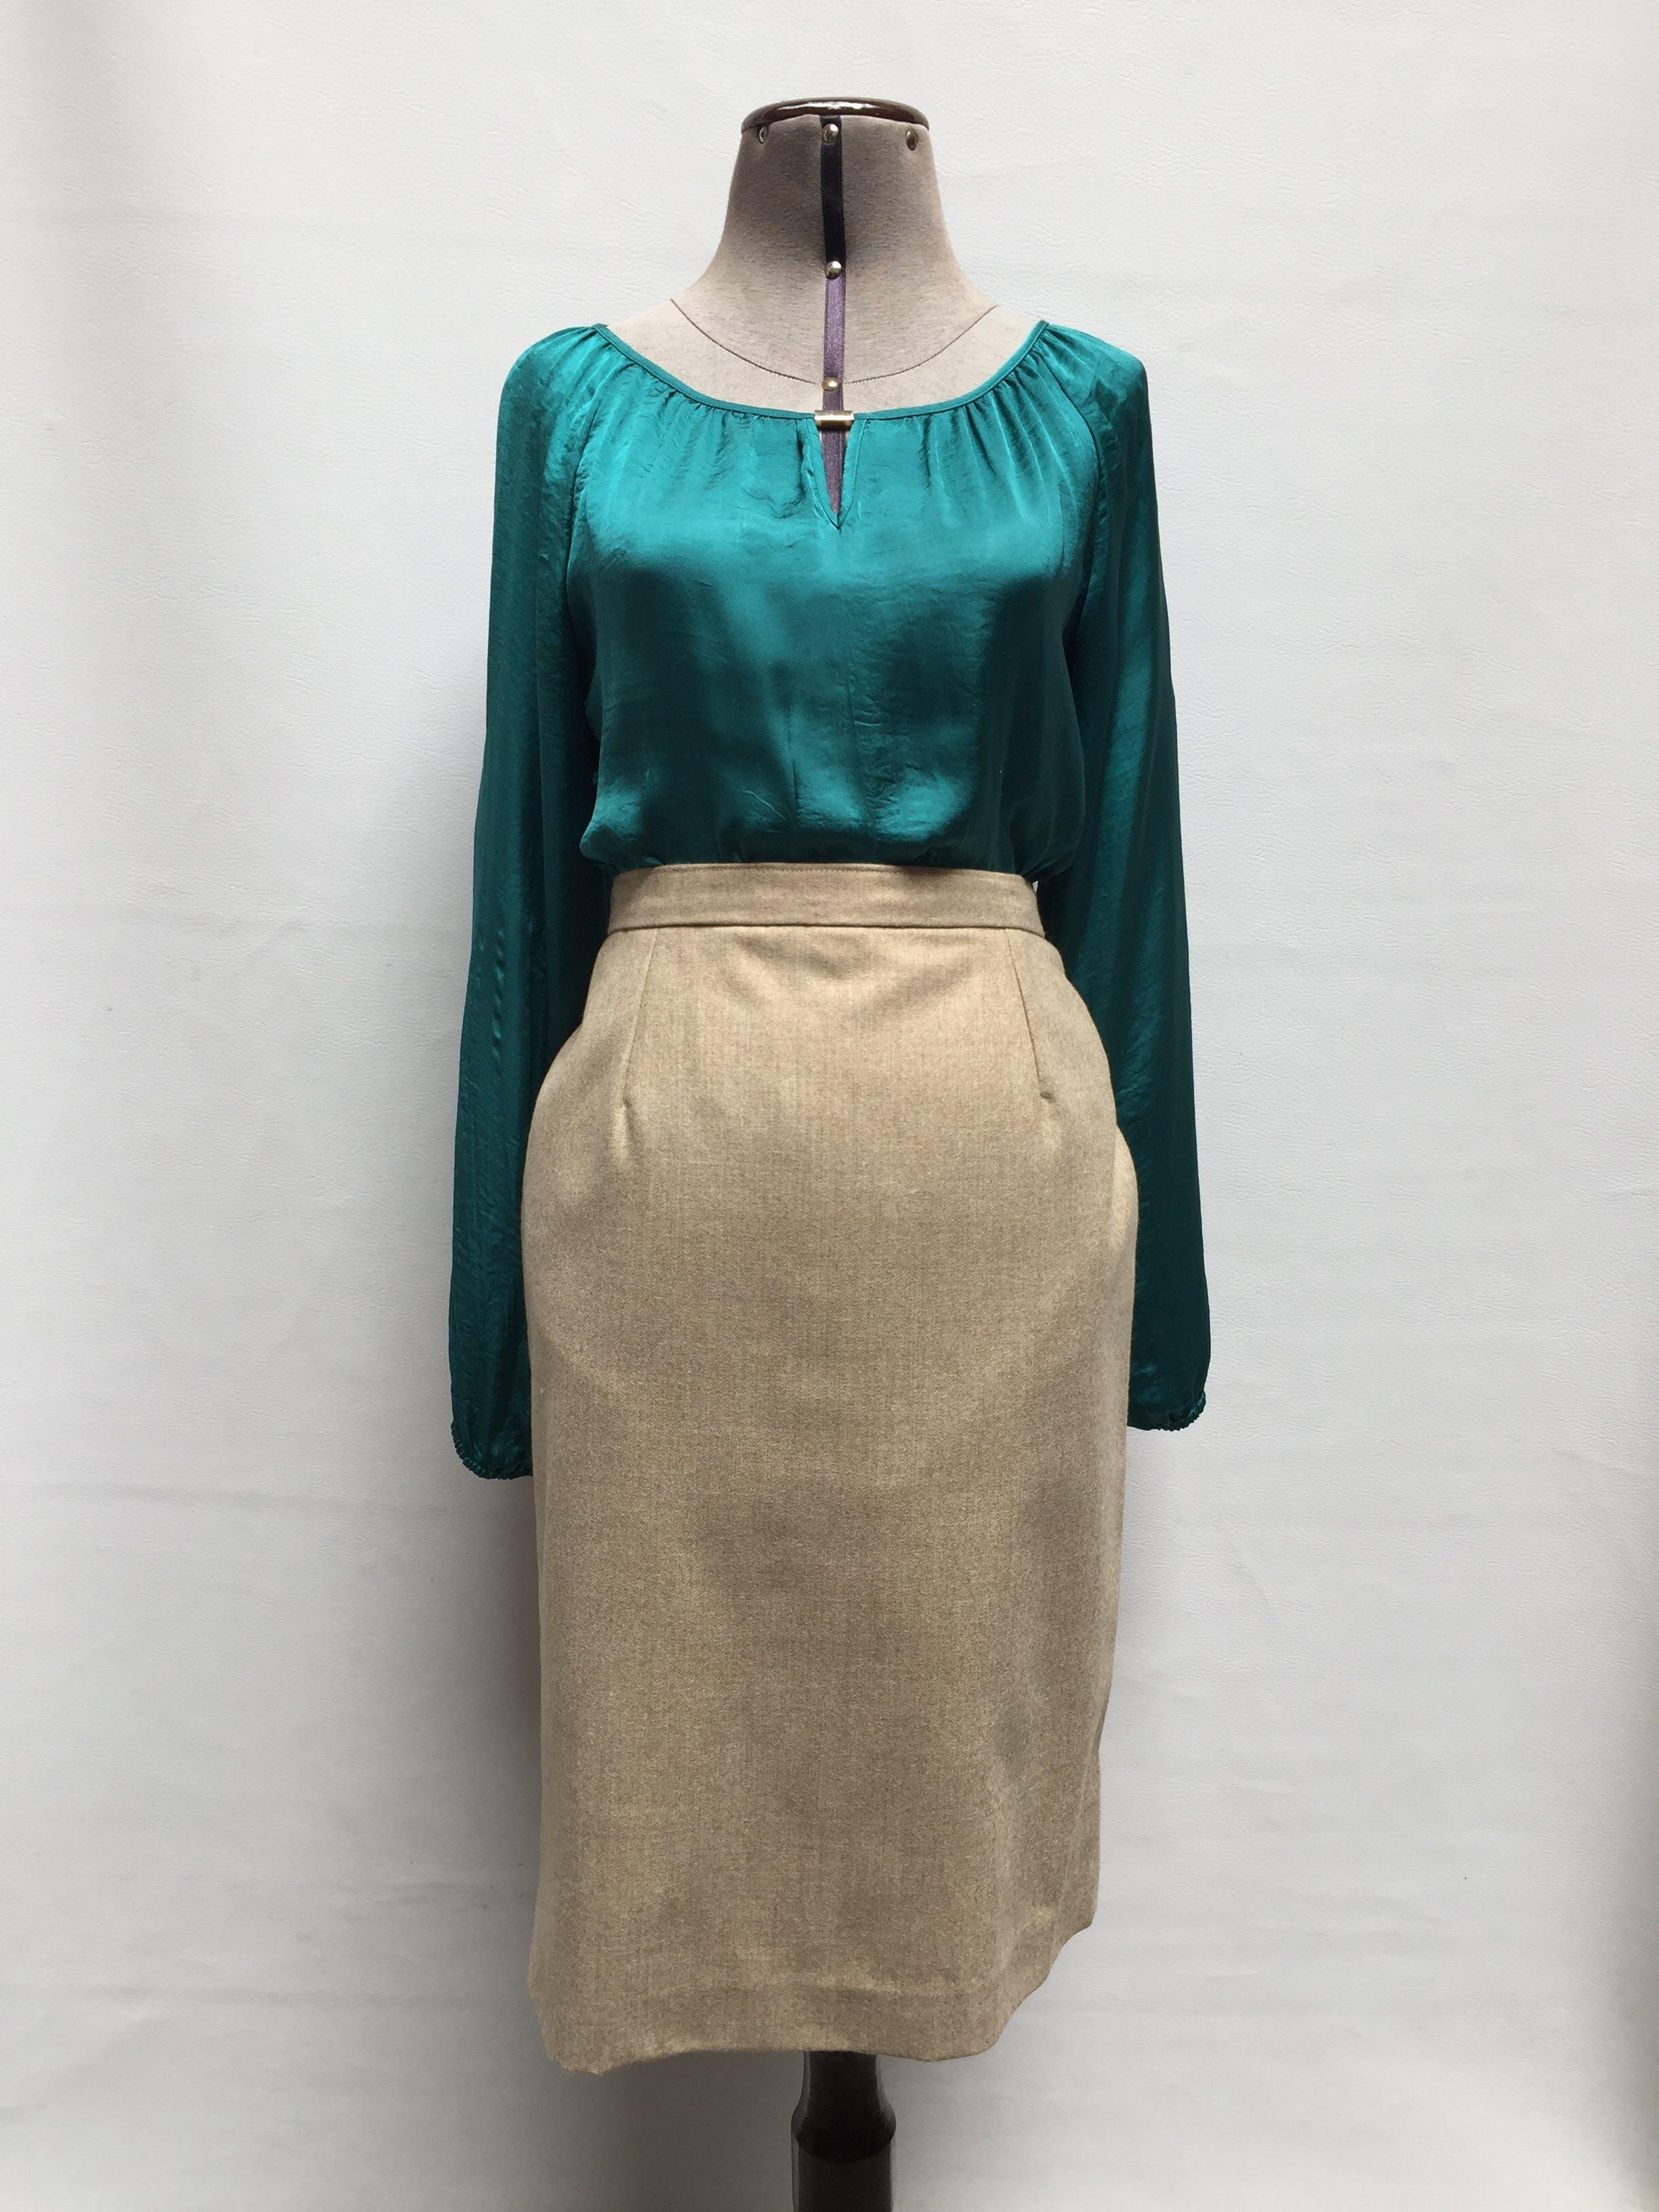 Falda recta a la cintura tipo lanilla  beige con cierre trasero, a la rodilla. Versátil para varios looks!  Talla L (cintura 82cm)